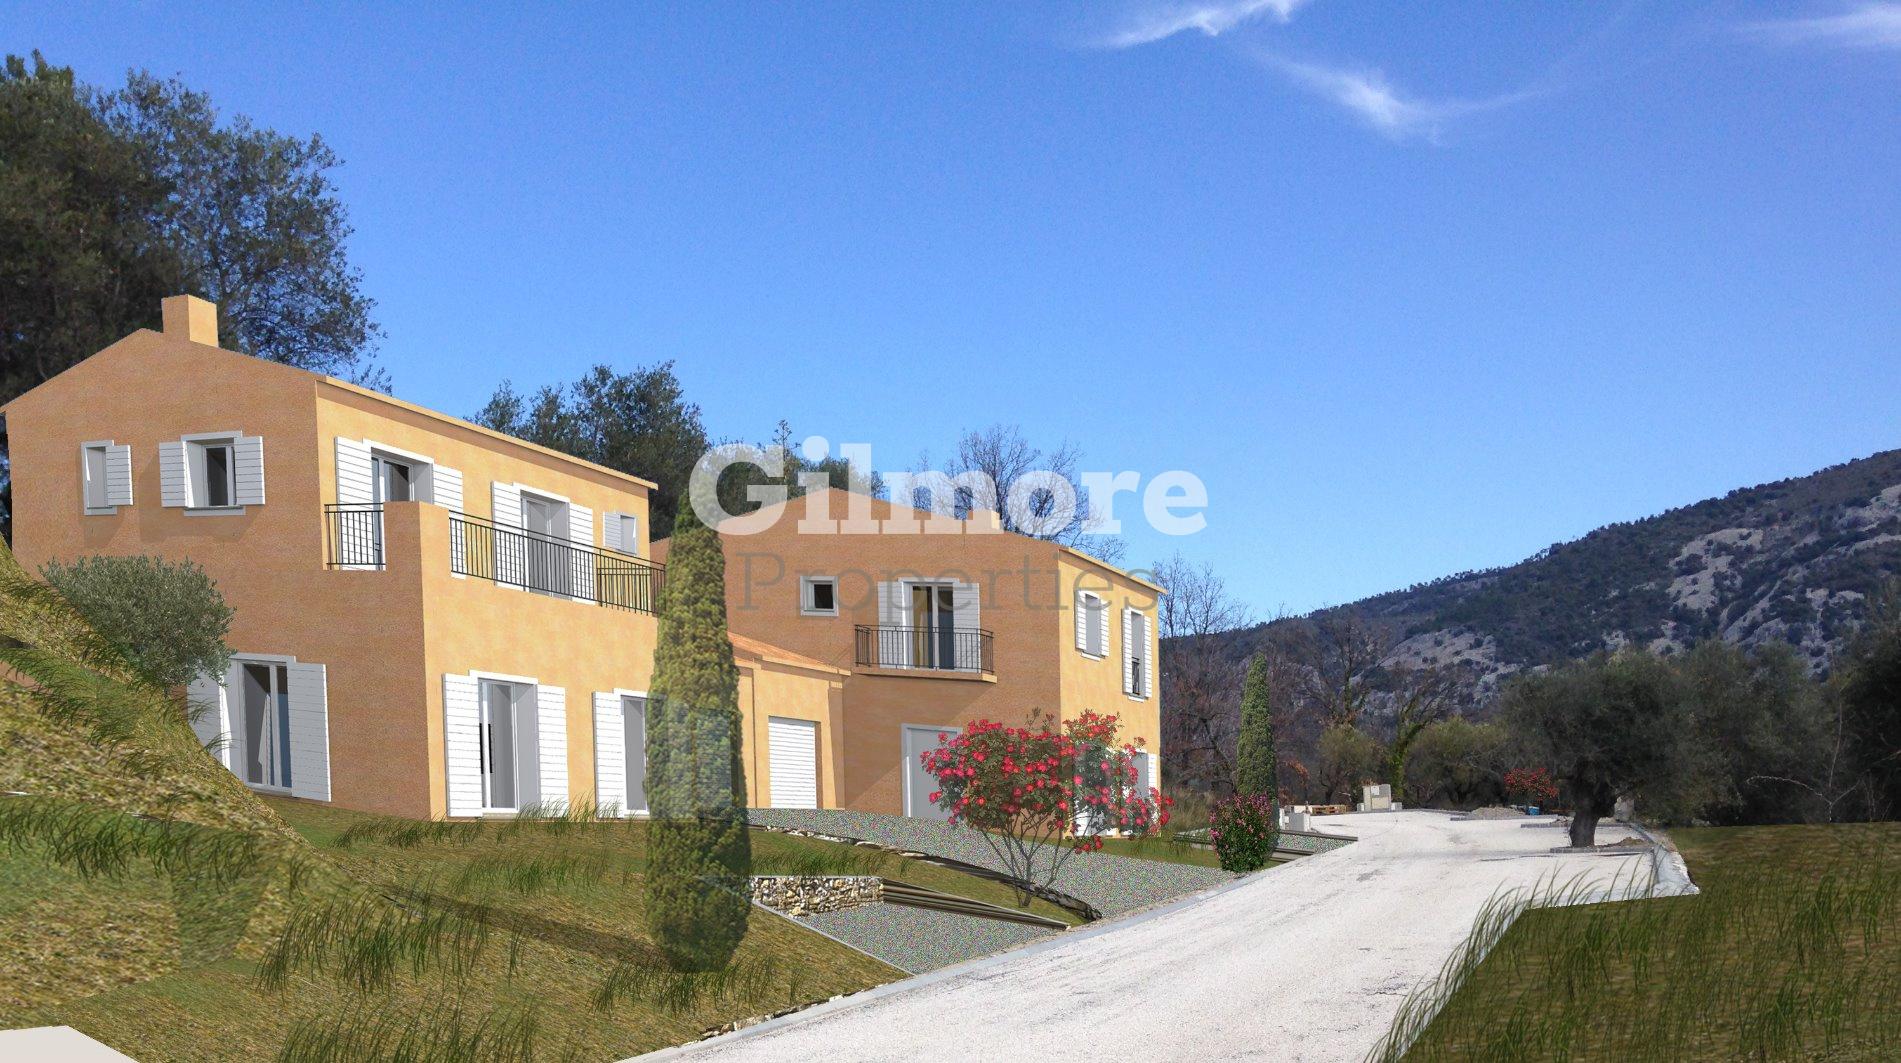 Offres de vente Villa Tourrette-Levens (06690)